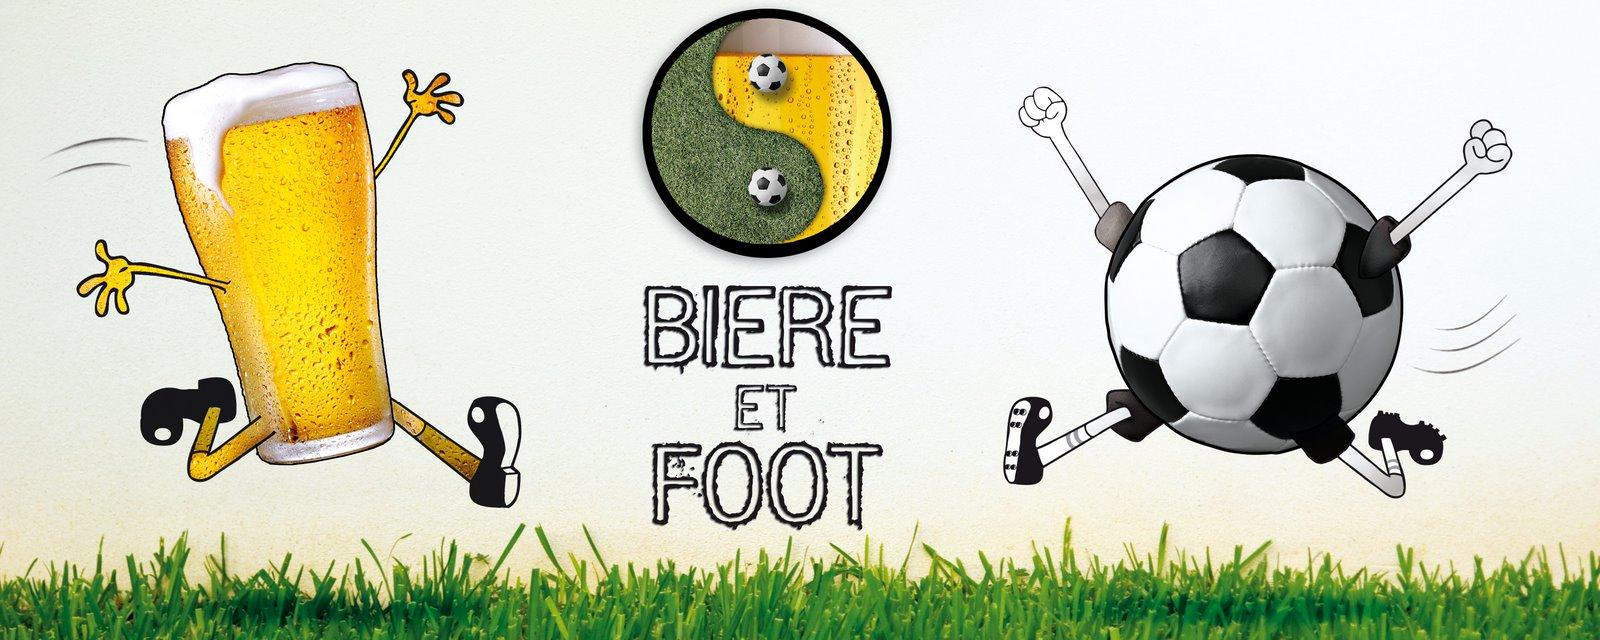 Blog bière-foot, le blog du foot décalé et avec de la mousse